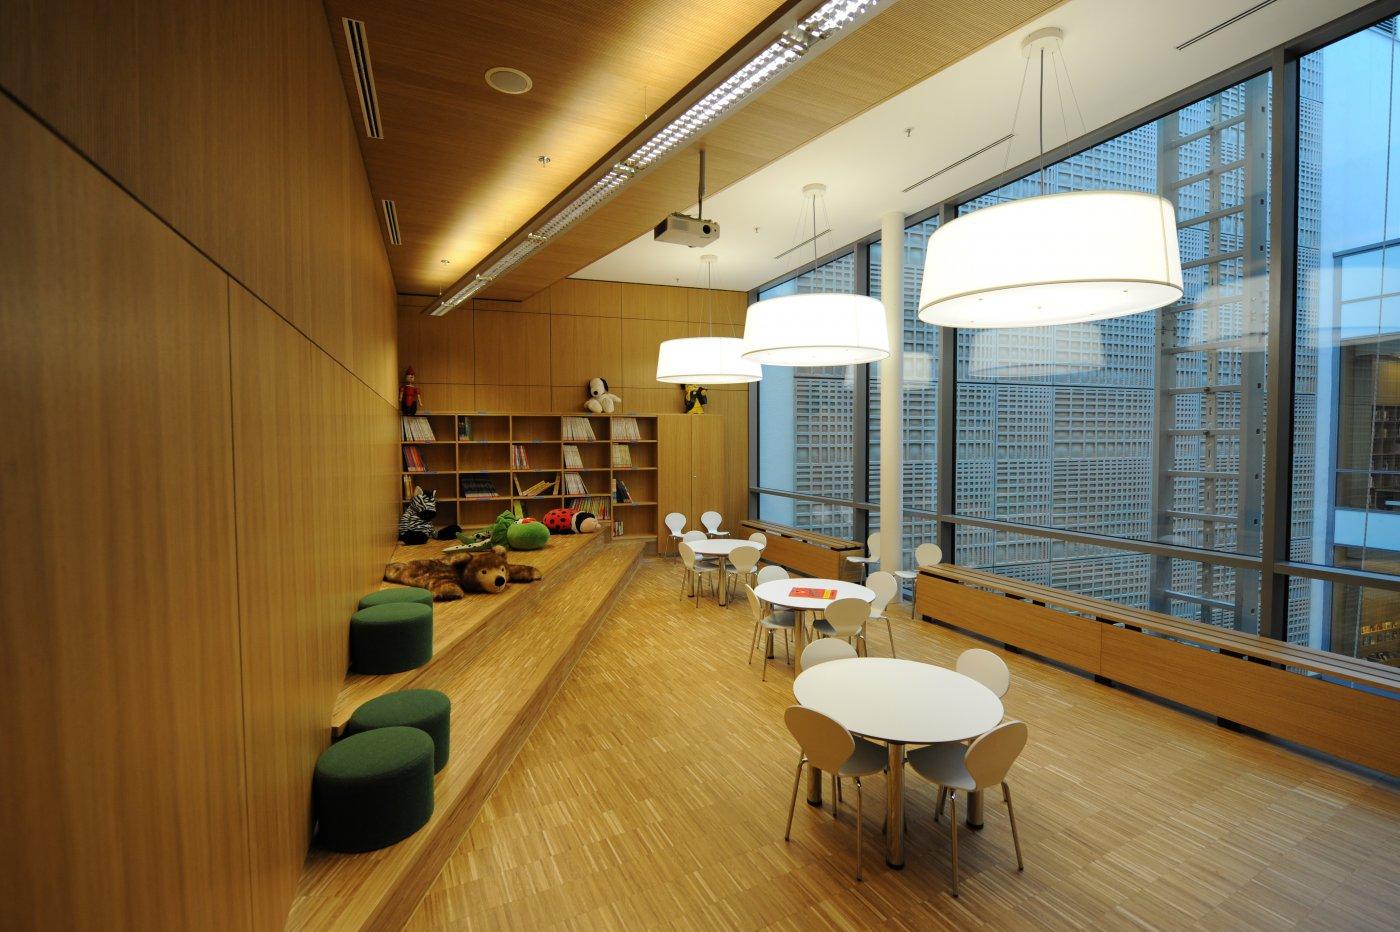 Biblioth Ques Et Lieux De Recherche Ville De Luxembourg # Bibliotheque Placo Design